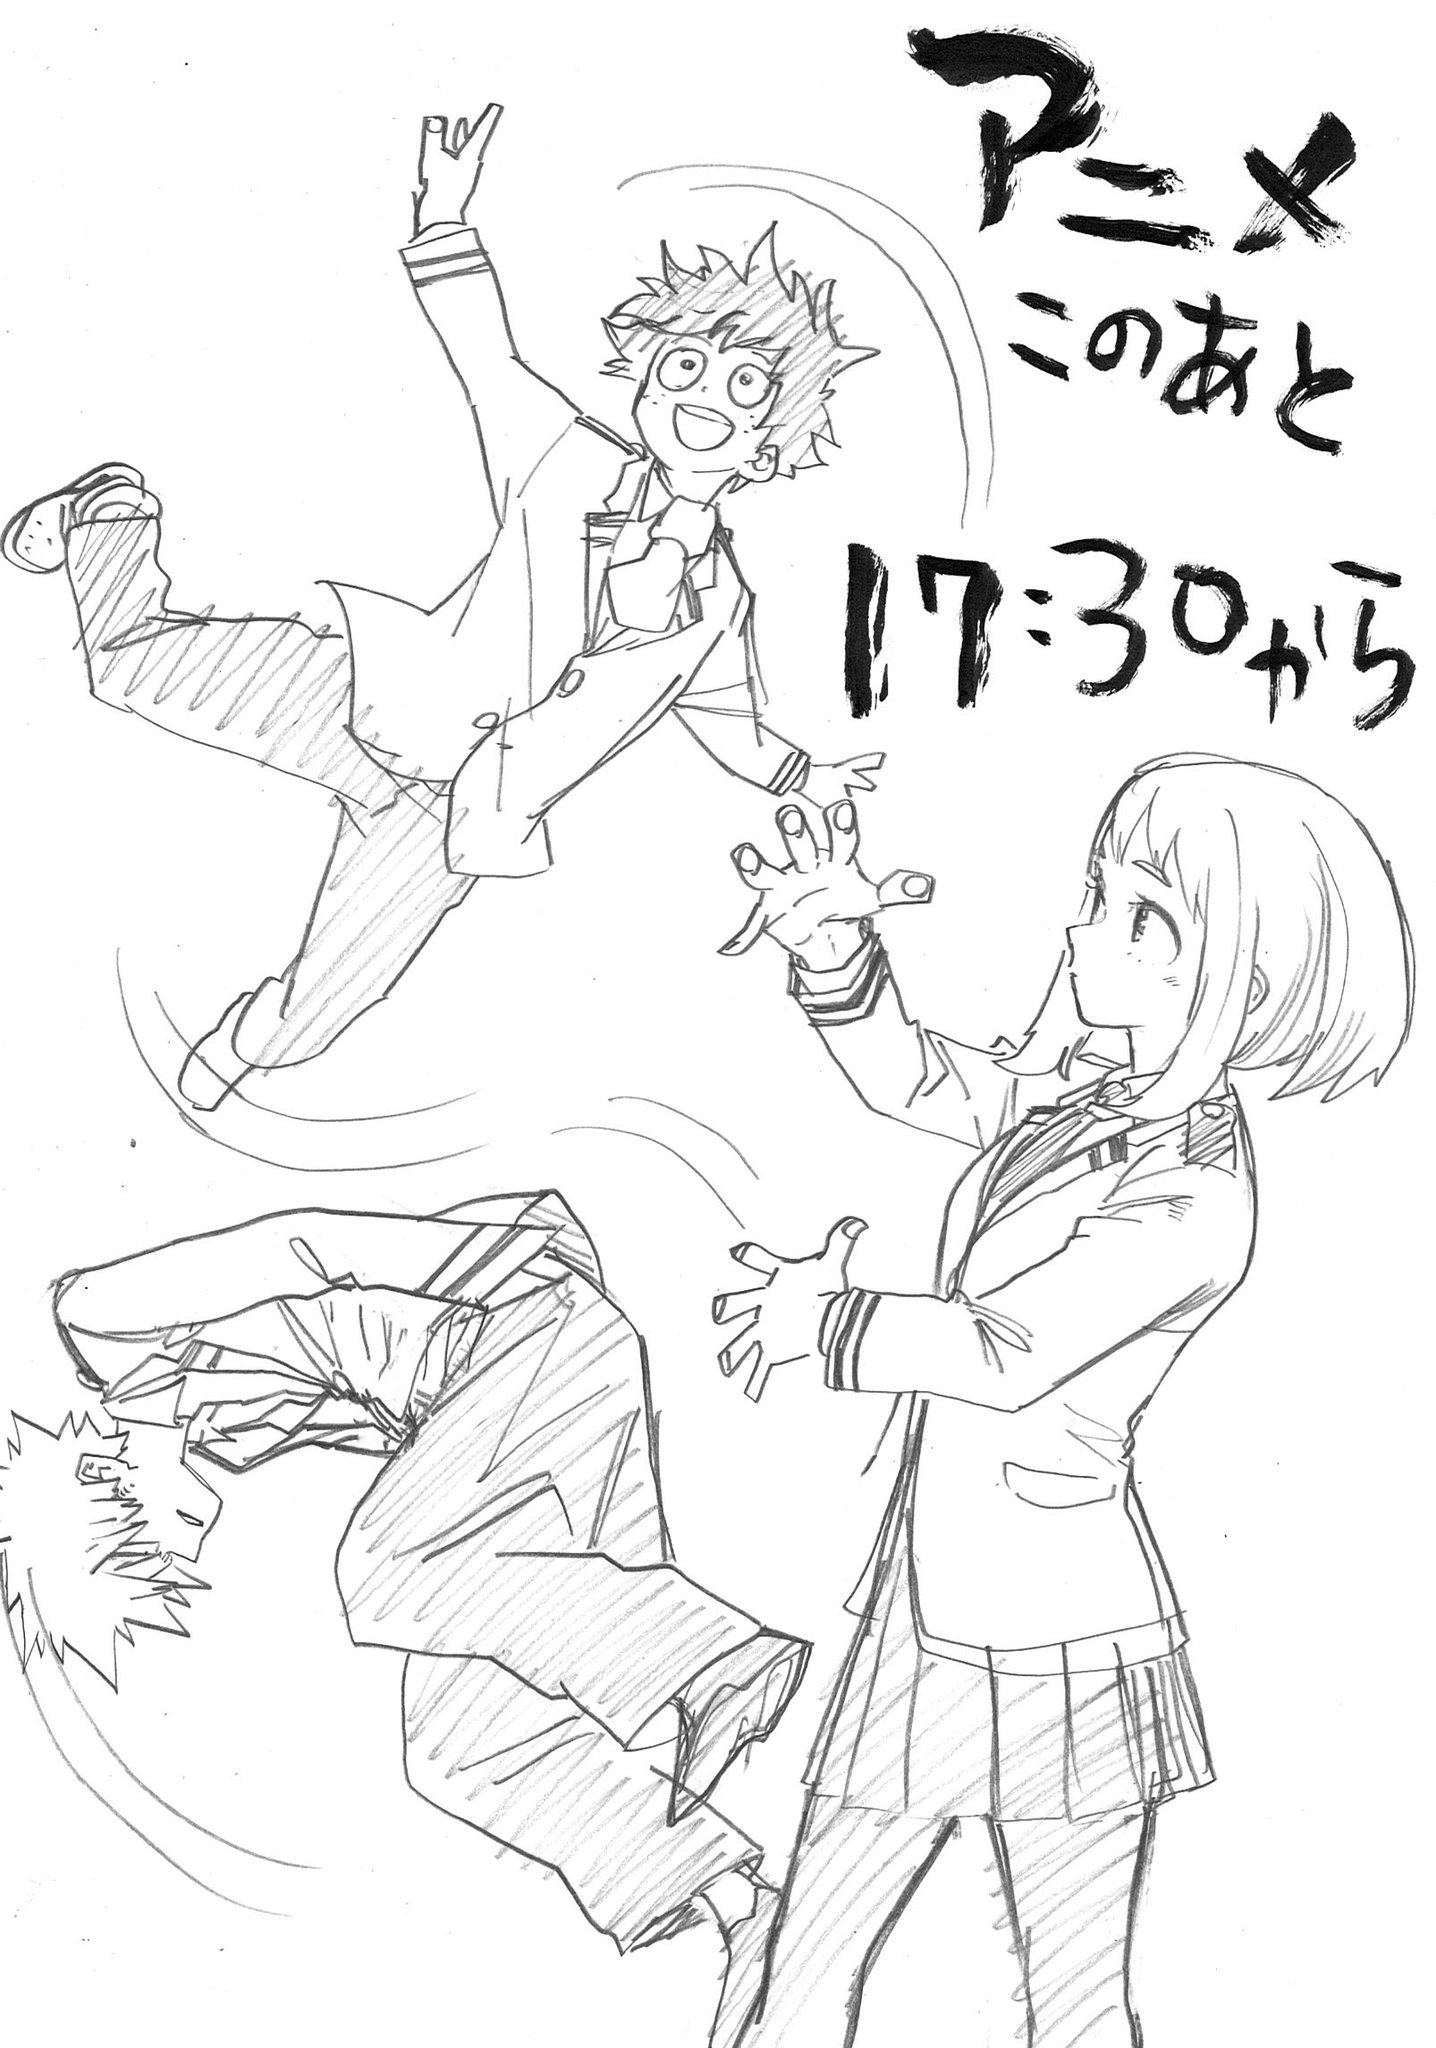 Episode 28 Sketch